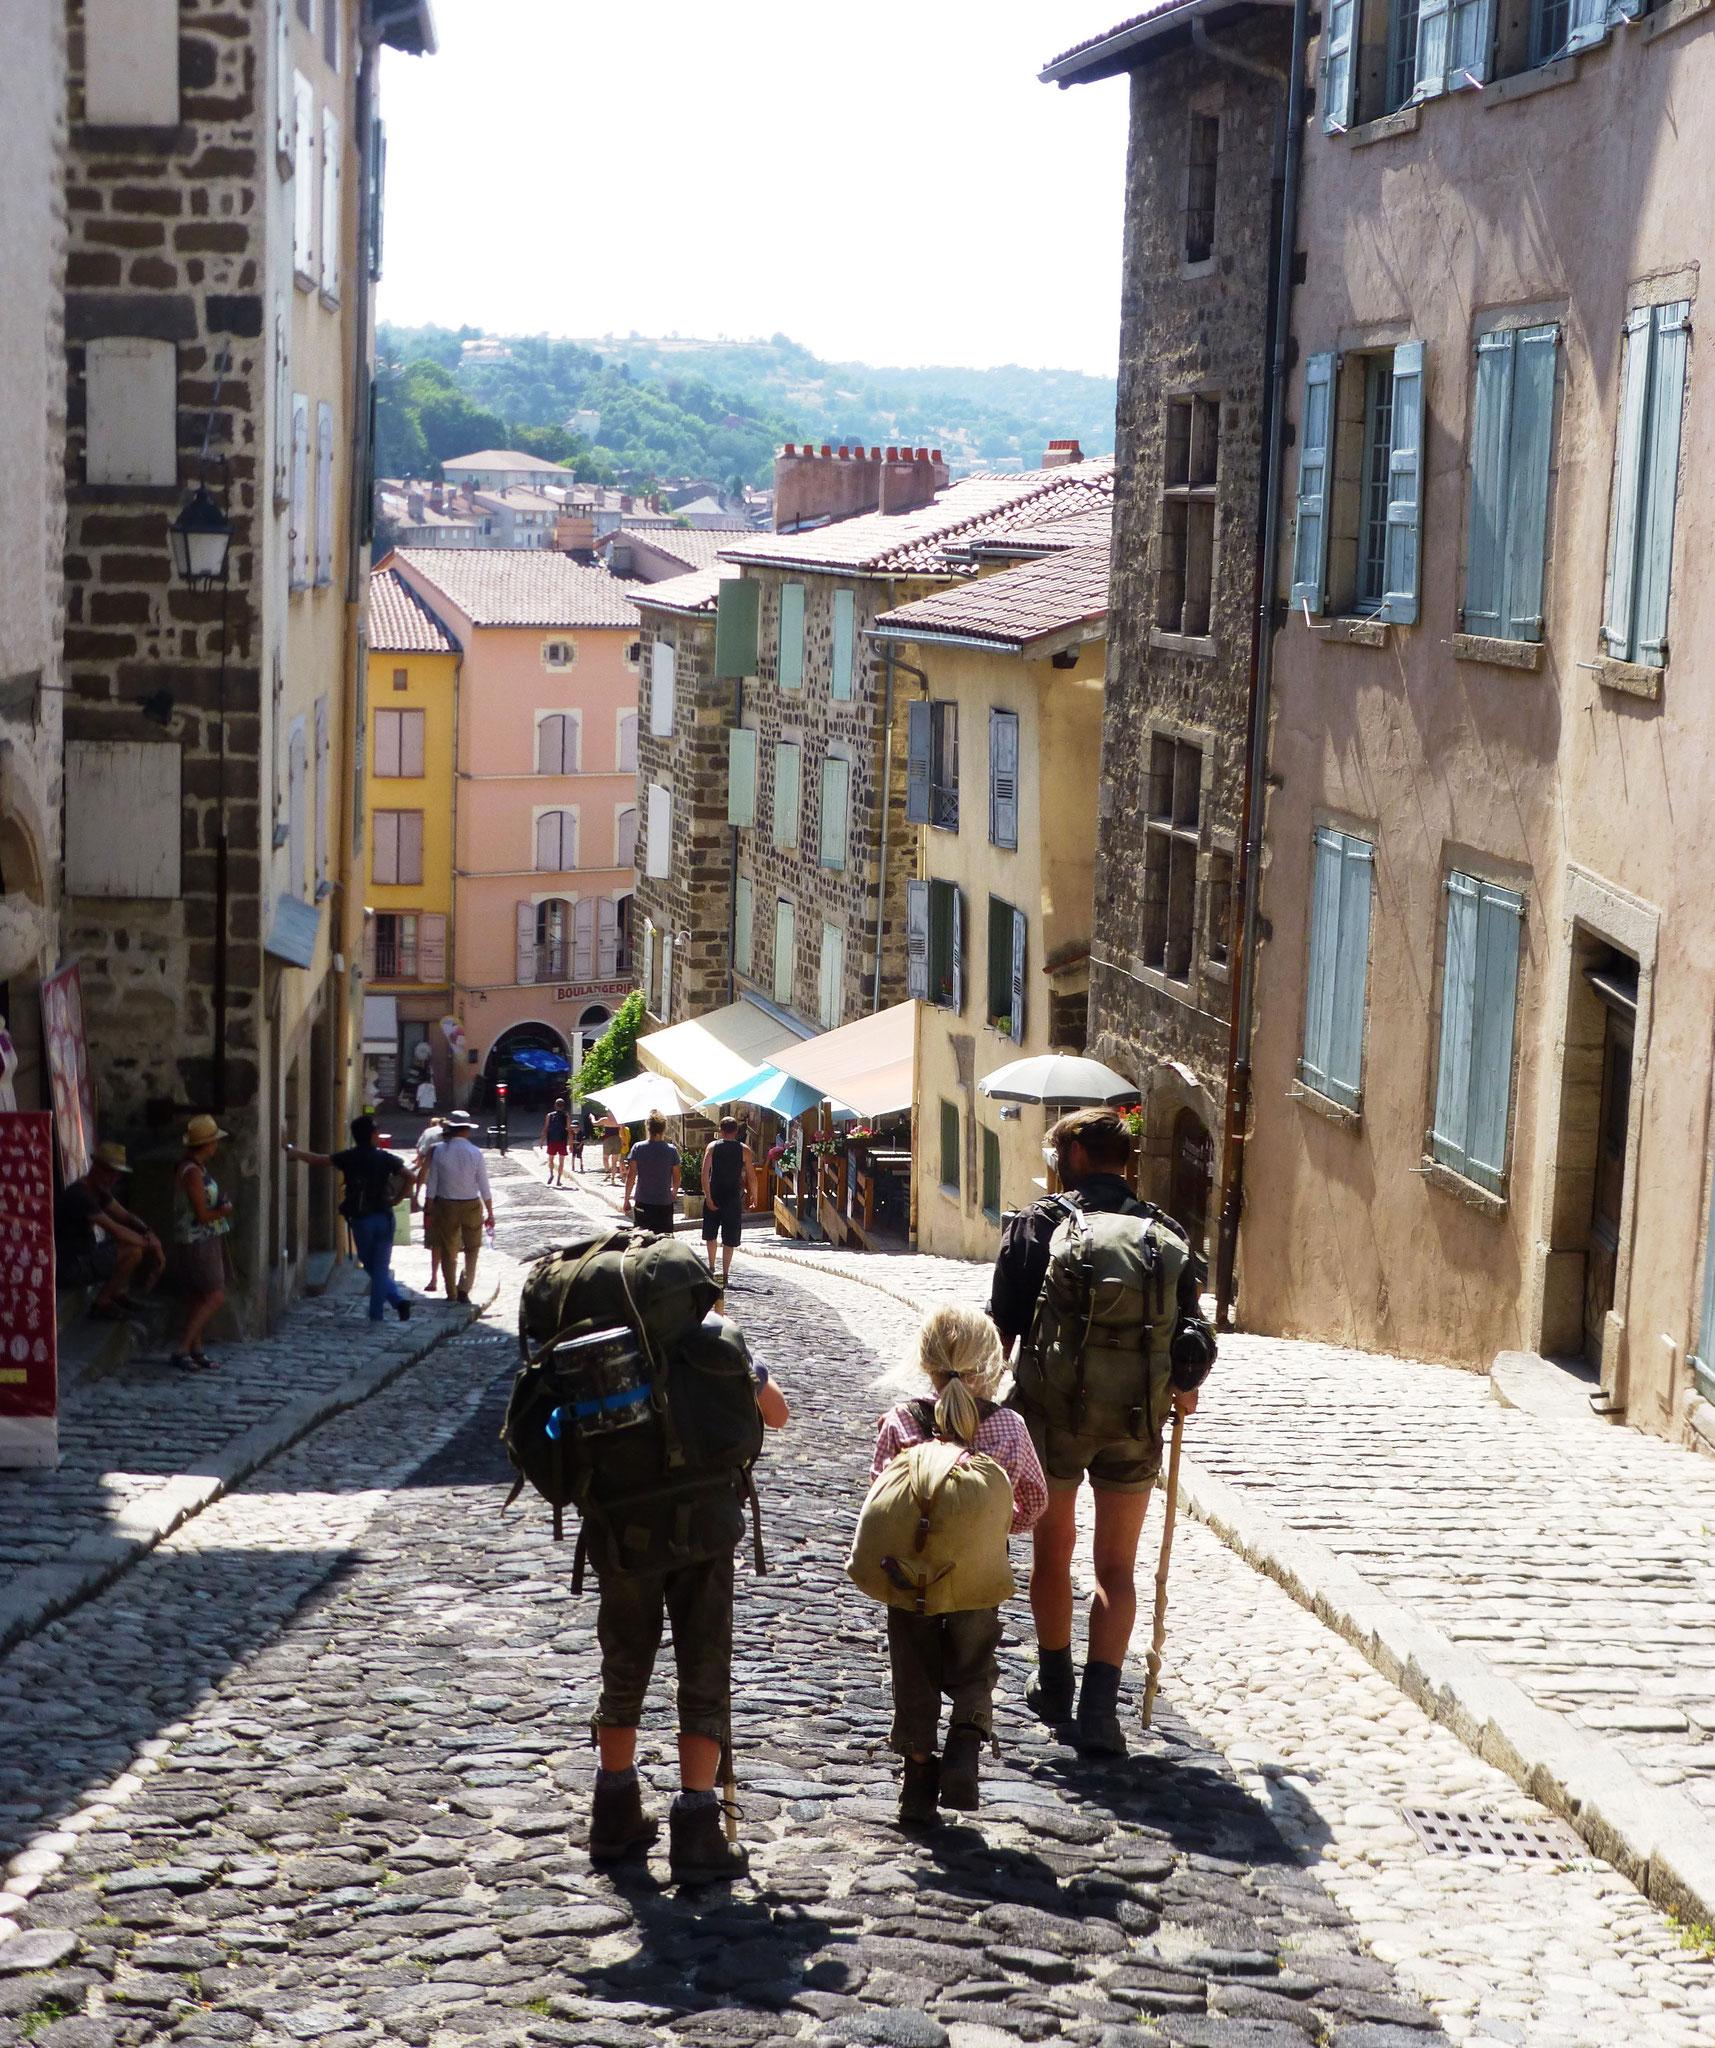 Départ pour Saint-jacques de Compostelle de la ville du Puy ( photo de M. Depecker